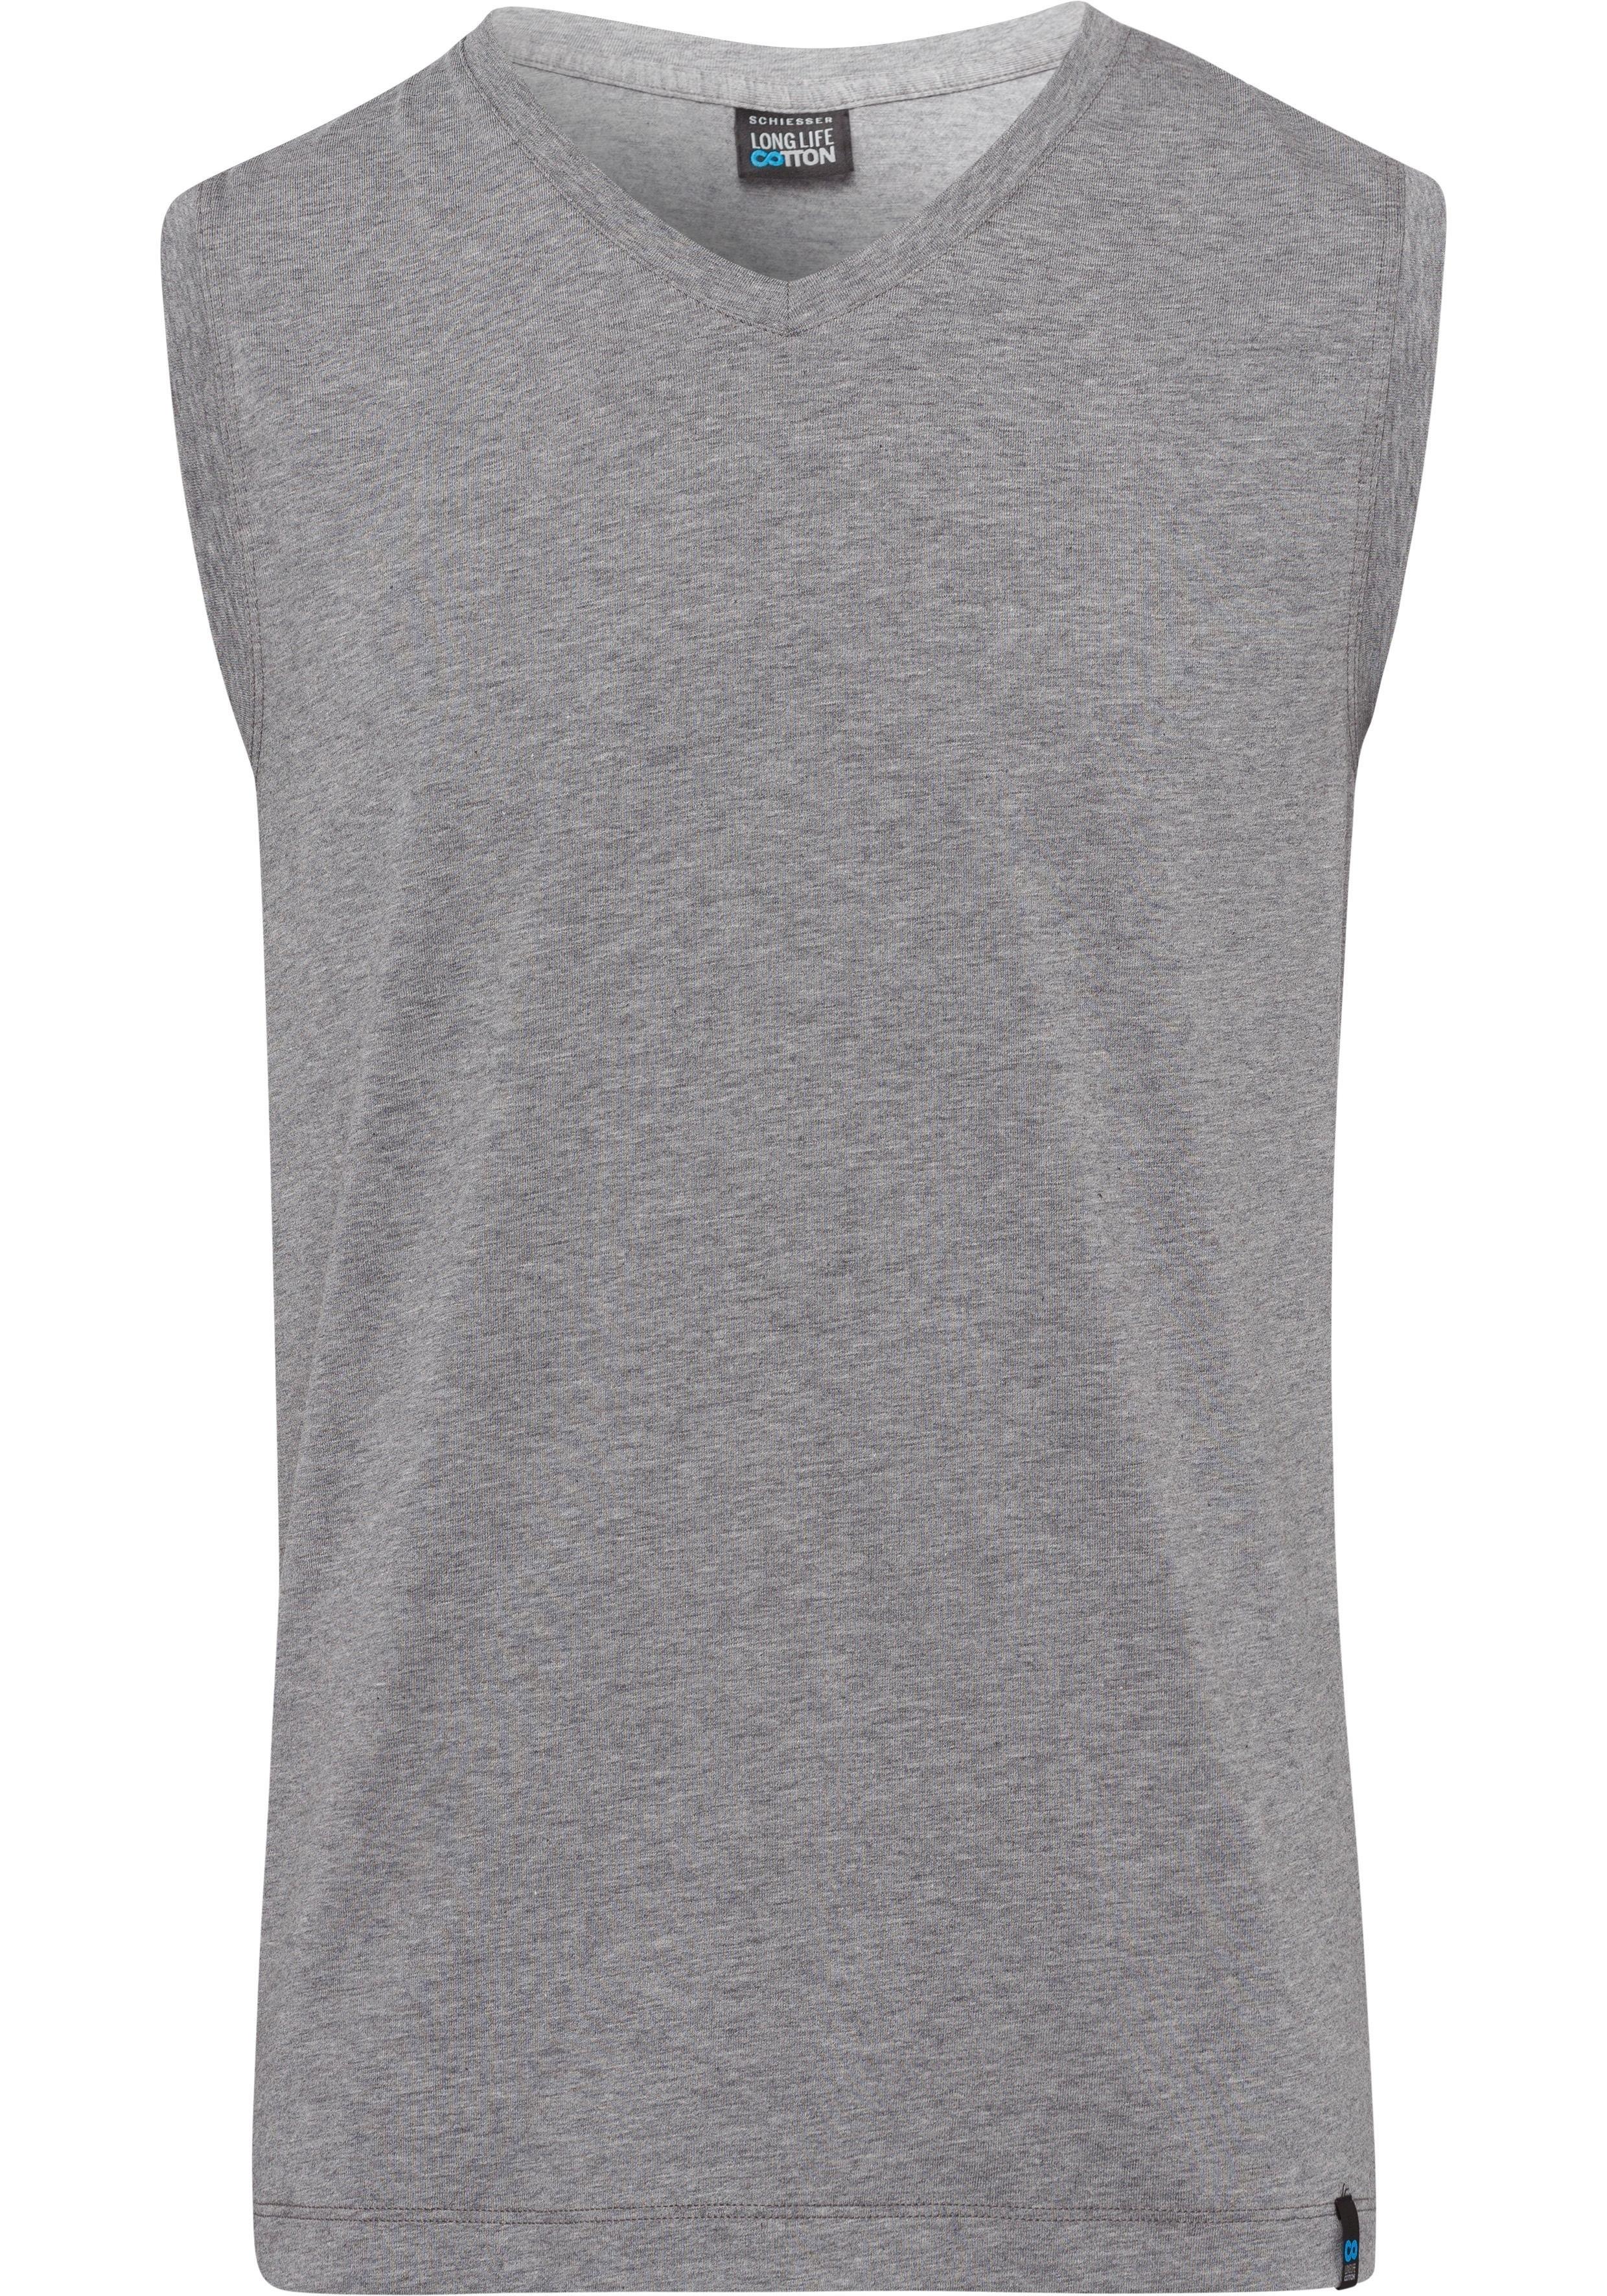 Schiesser muscle-shirt »Long Life Cotton« nu online kopen bij Lascana